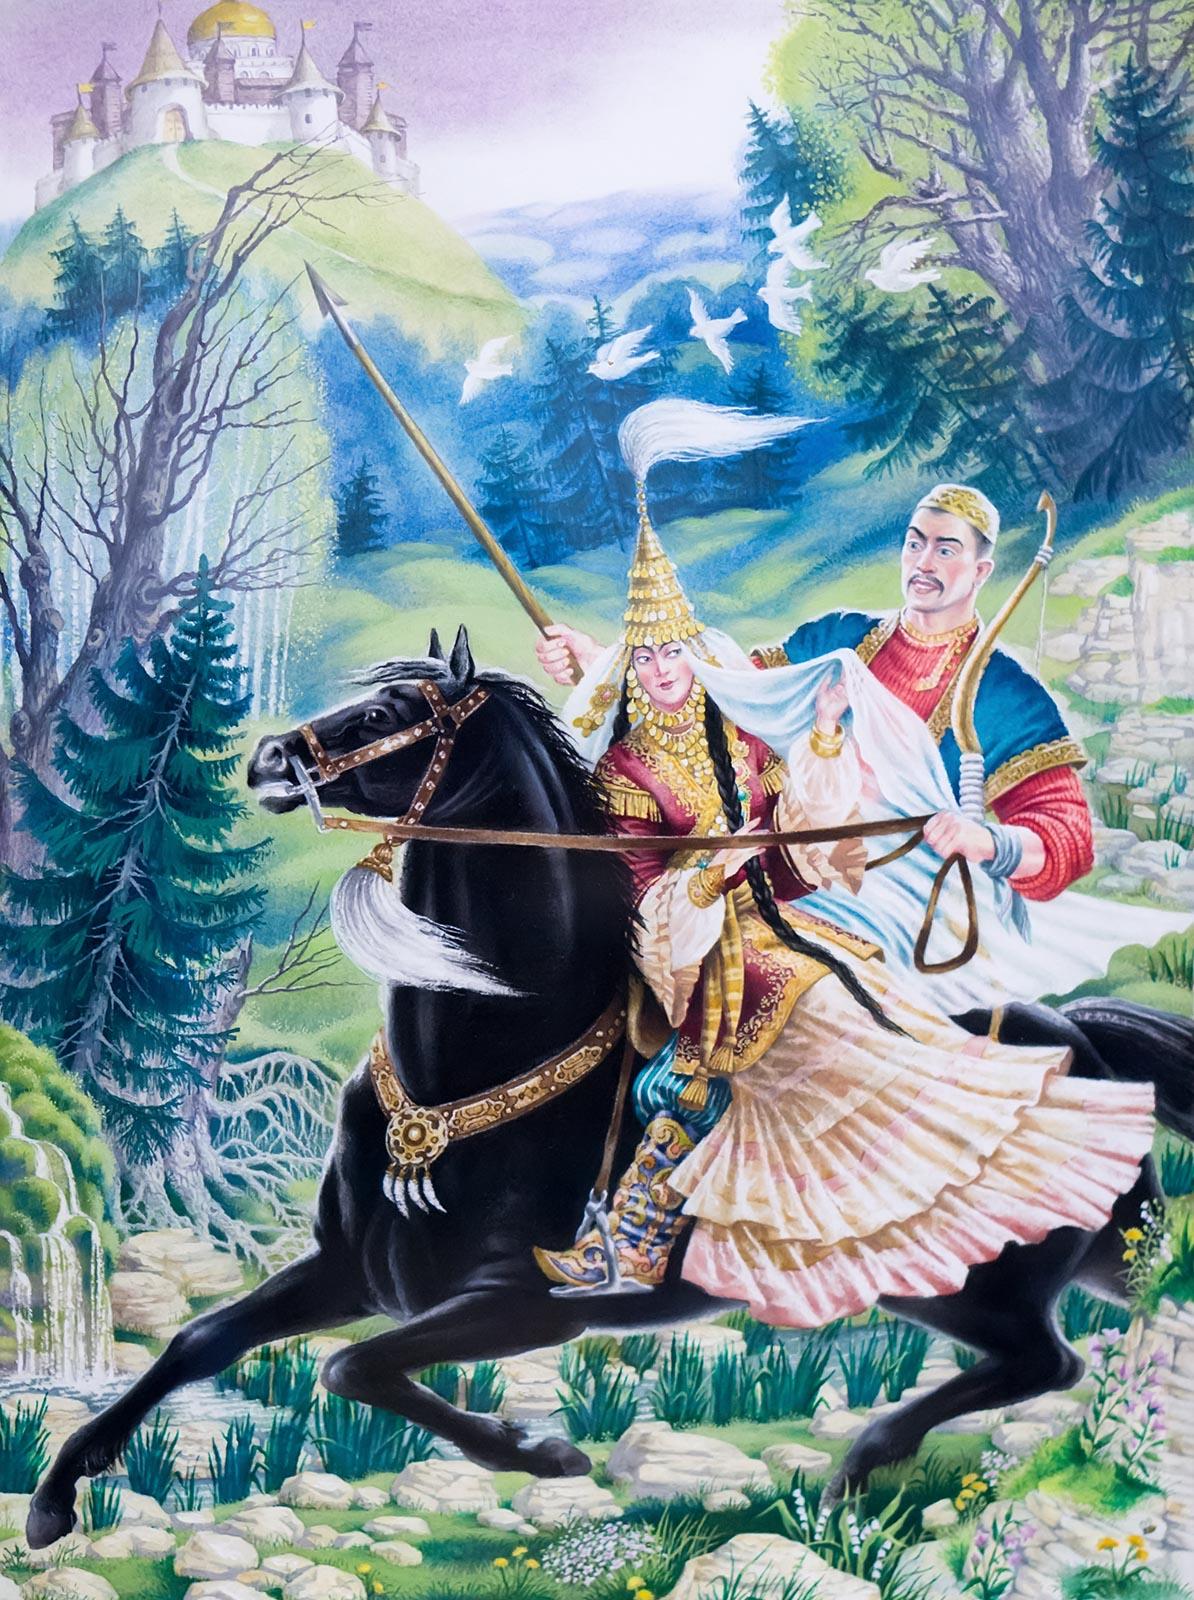 отели татарская народная сказка с иллюстрациями просмотра расписания